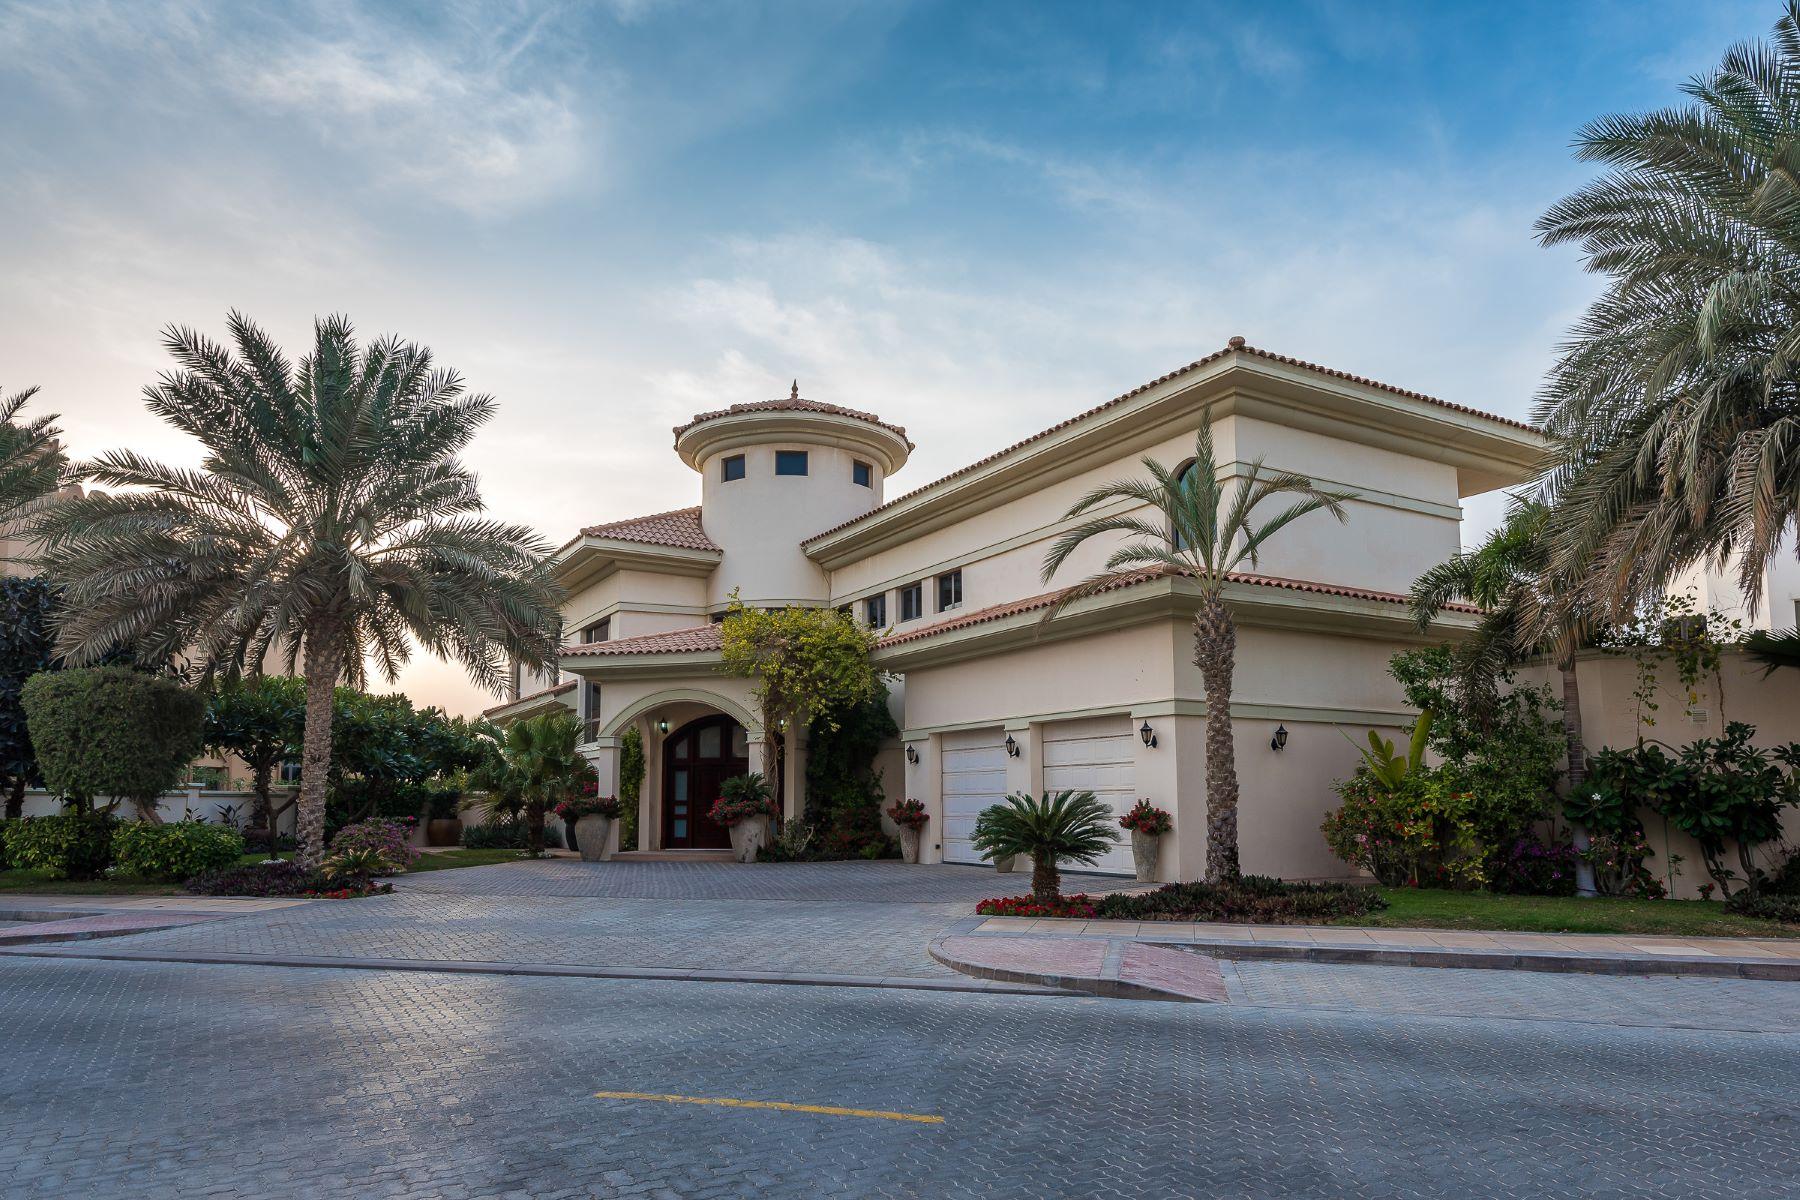 Частный односемейный дом для того Продажа на Atlantis Facing Riviera Villa Dubai, Объединенные Арабские Эмираты